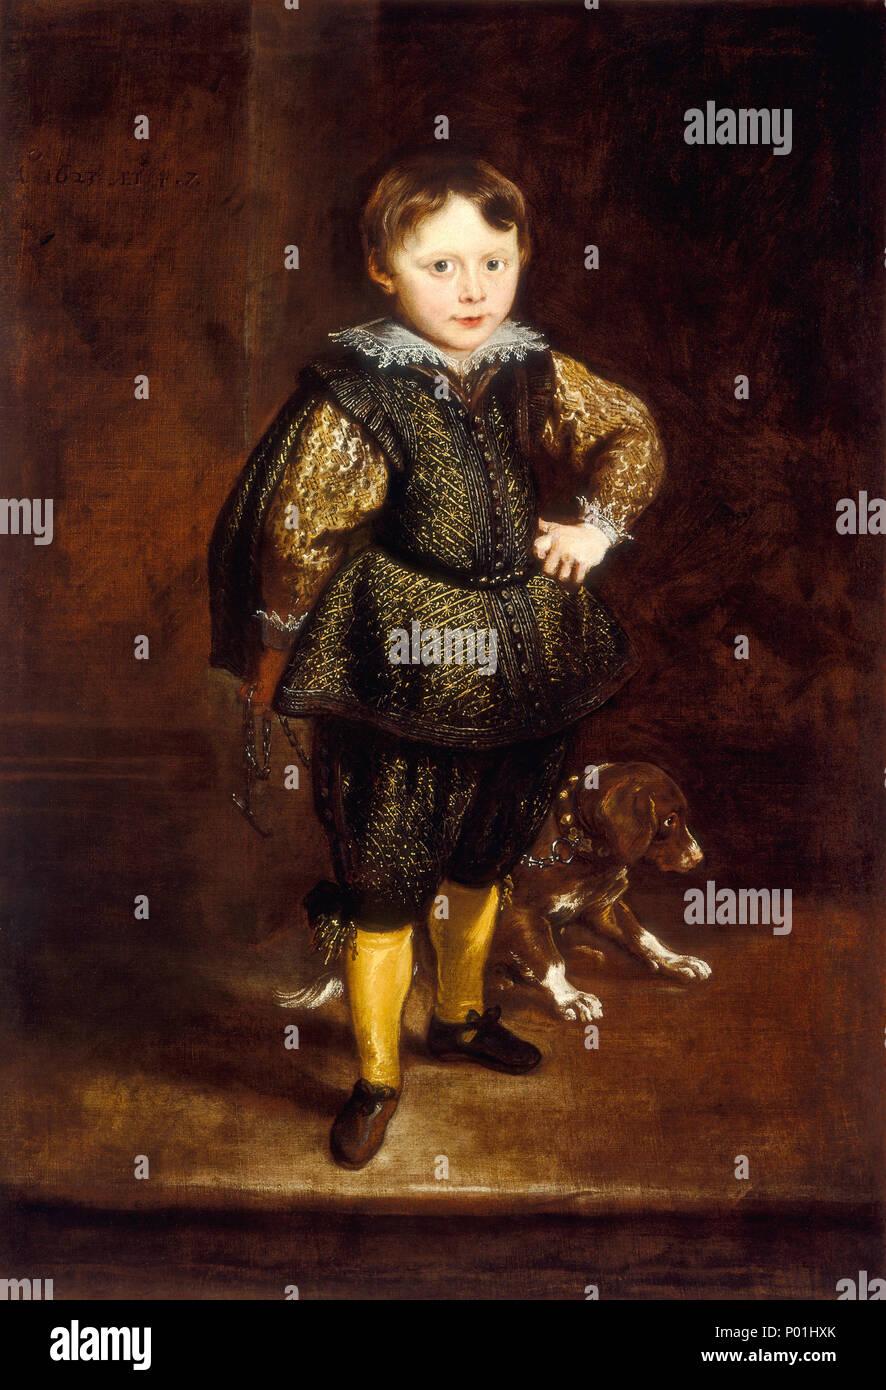 Peinture; huile sur toile; total: 122,5 x 84,1 cm (48 1/4 x 33 1/8 in.): 161,6 x 123,8 encadrées cm (63 5/8 x 48 3/4 in.); 9 Filippo Cattaneo SC-000394 Banque D'Images